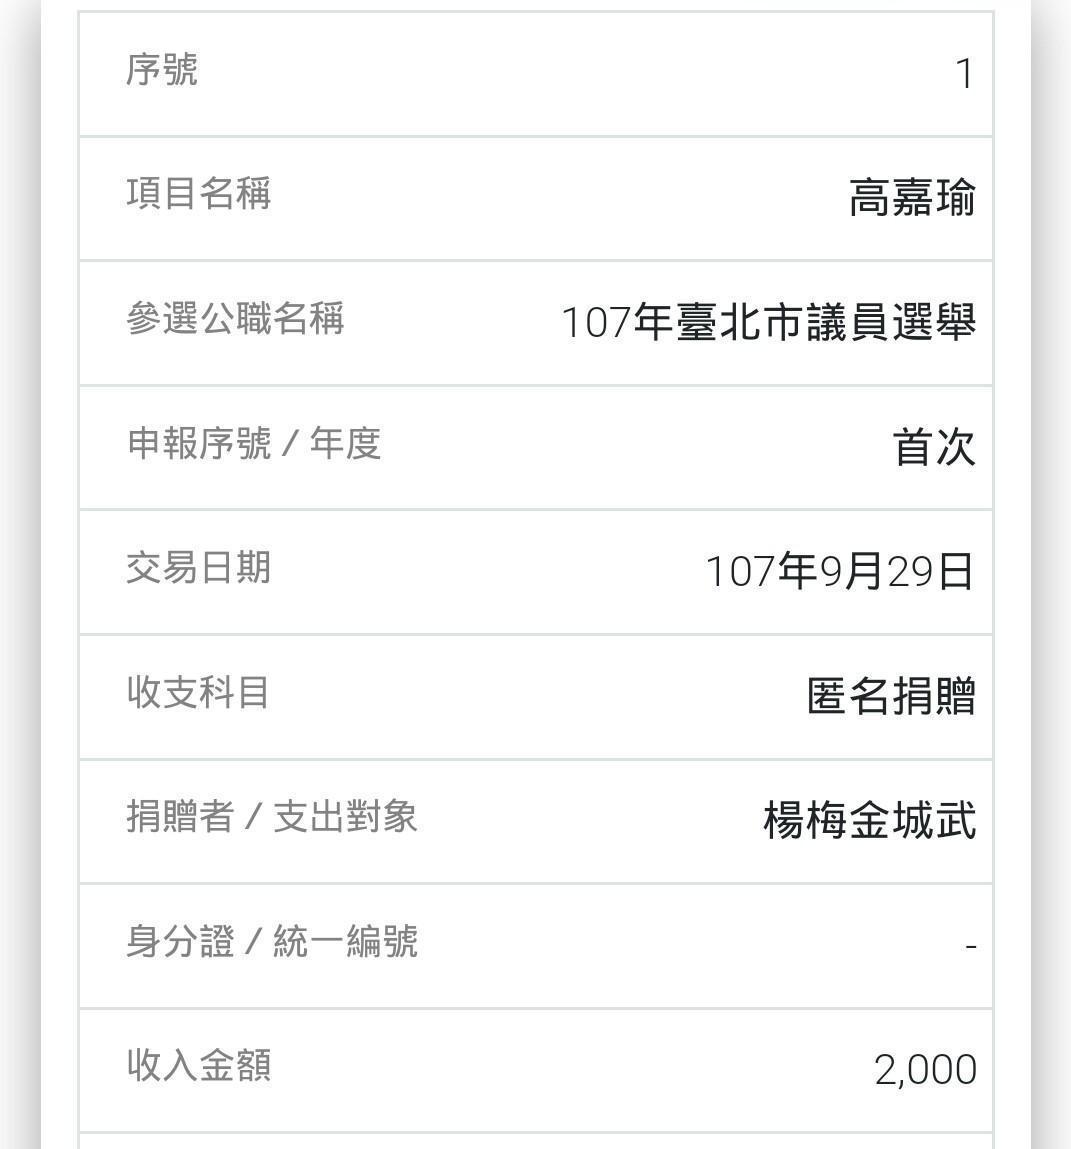 【政治獻金解密】港湖女神高嘉瑜捐款名單 竟有「楊梅金城武」 - Yahoo奇摩新聞